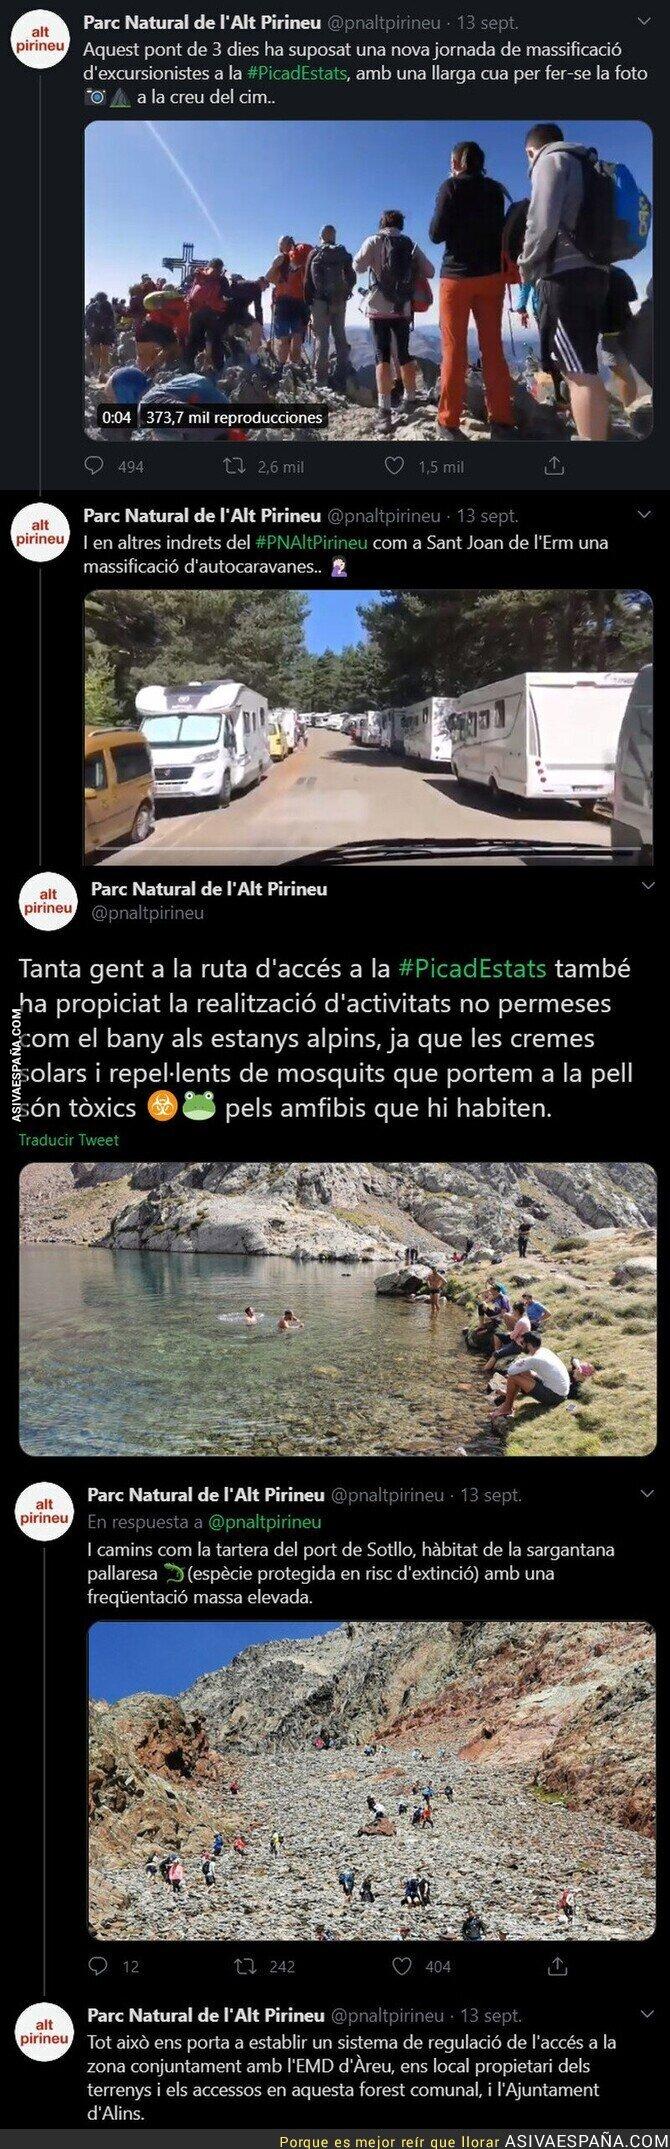 366492 - De locos: las imágenes en La Pica d'Estats repleta de gente en este fin de semana y sin protección